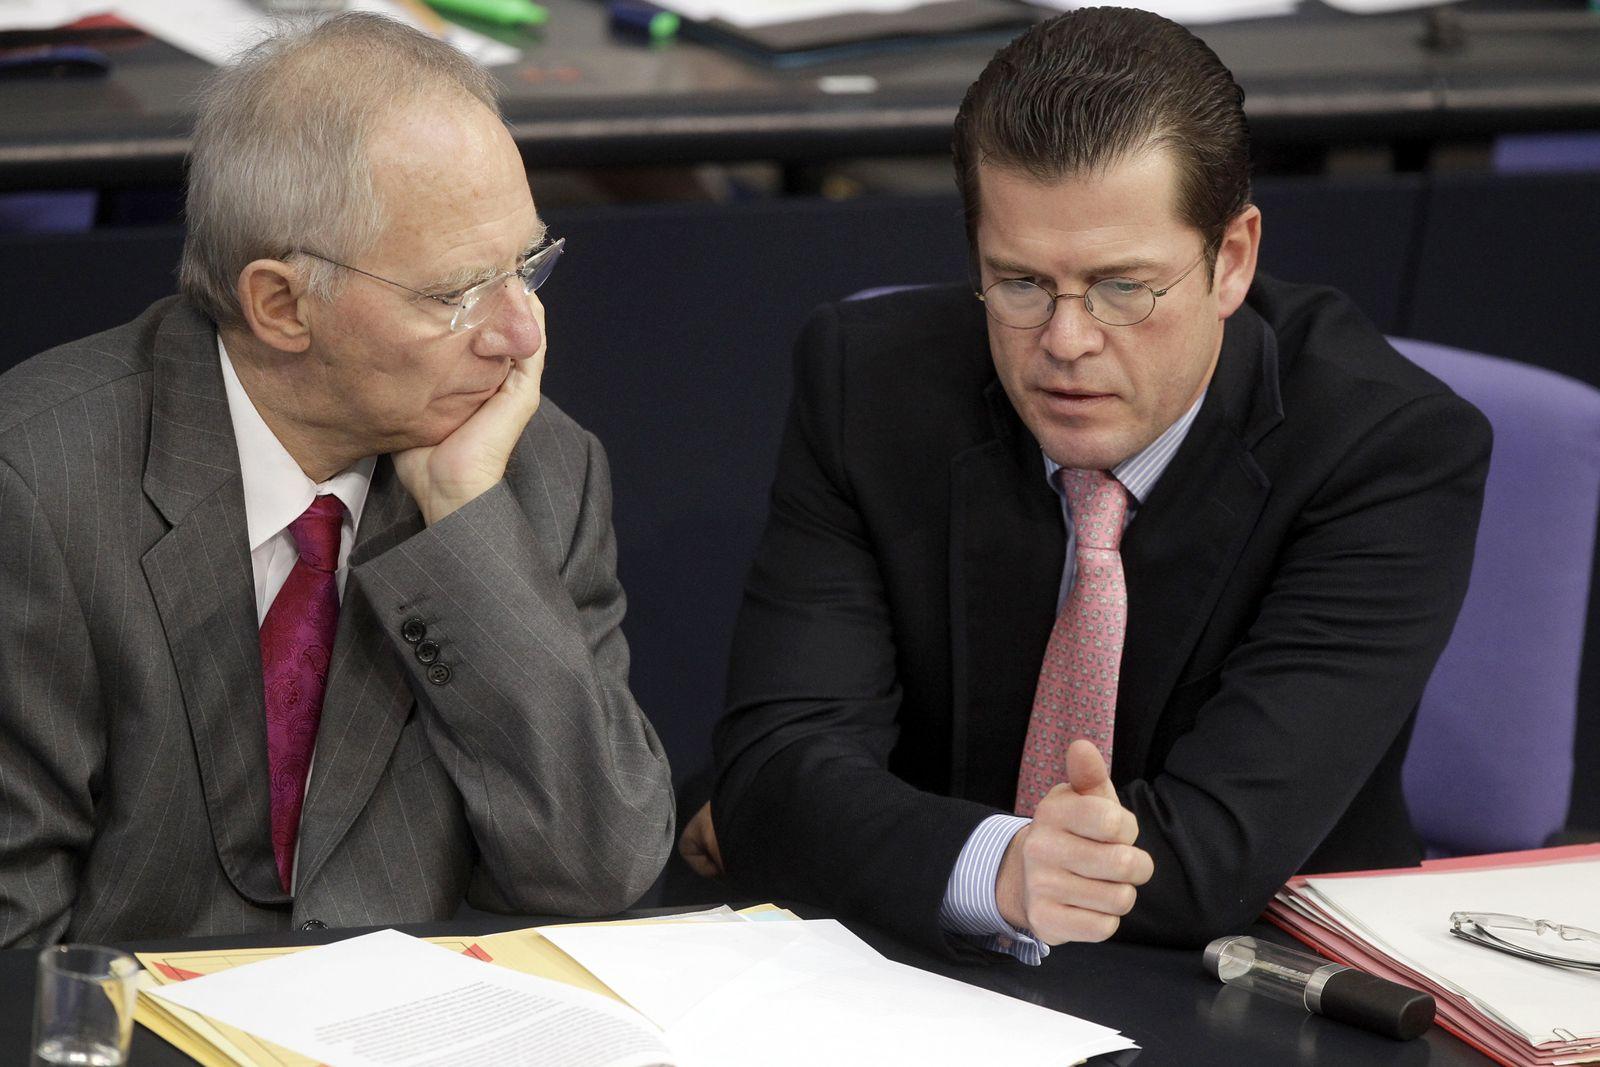 Schäuble / Guttenberg